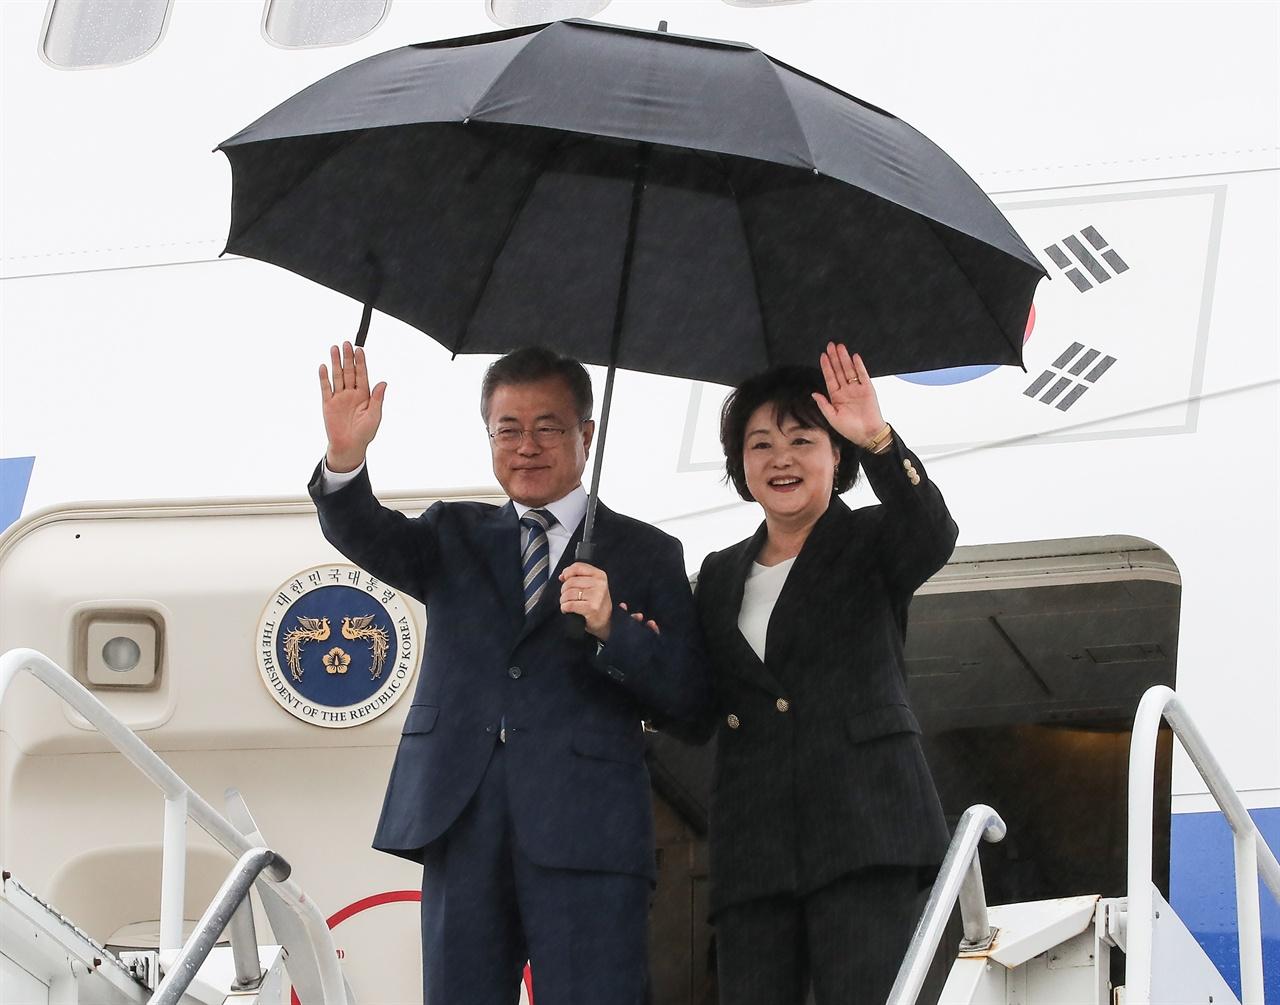 문재인 대통령과 부인 김정숙 여사가 23일 오후(현지시간) 유엔 총회가 열리는 미국 뉴욕 JFK 국제공항에 도착해 손을 들어 인사하고 있다.